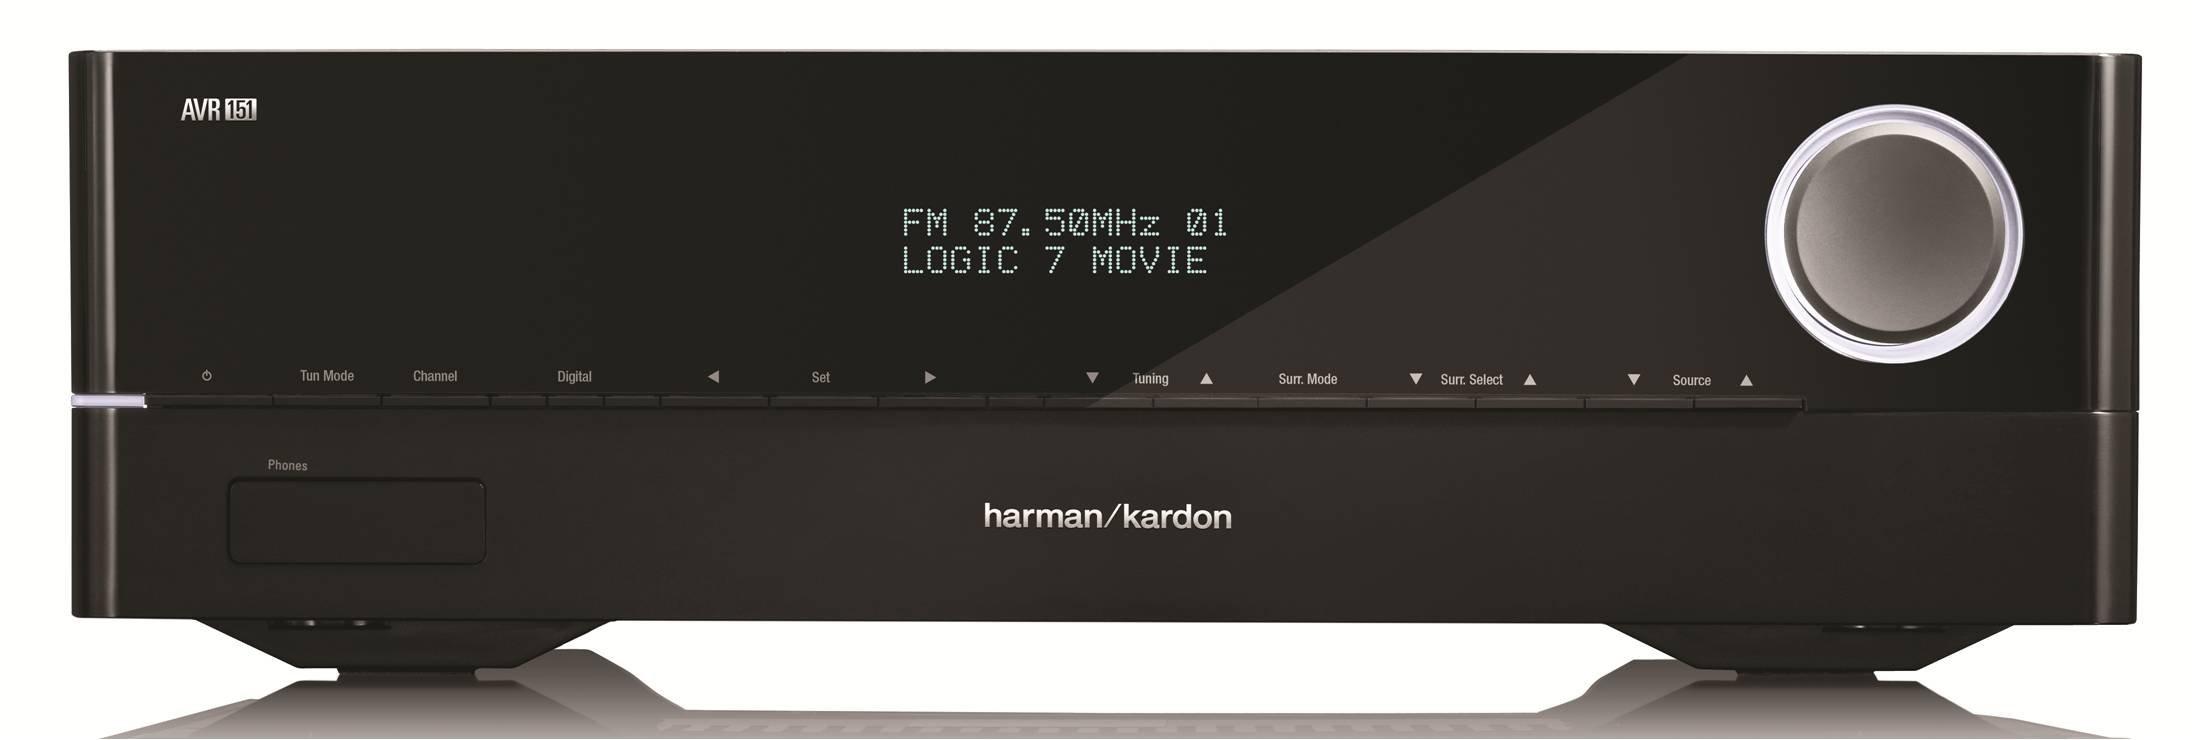 Harman Kardon AVR 1510 5.1-Channel 75-Watt Networked Audio/Video Receiver by Harman Kardon